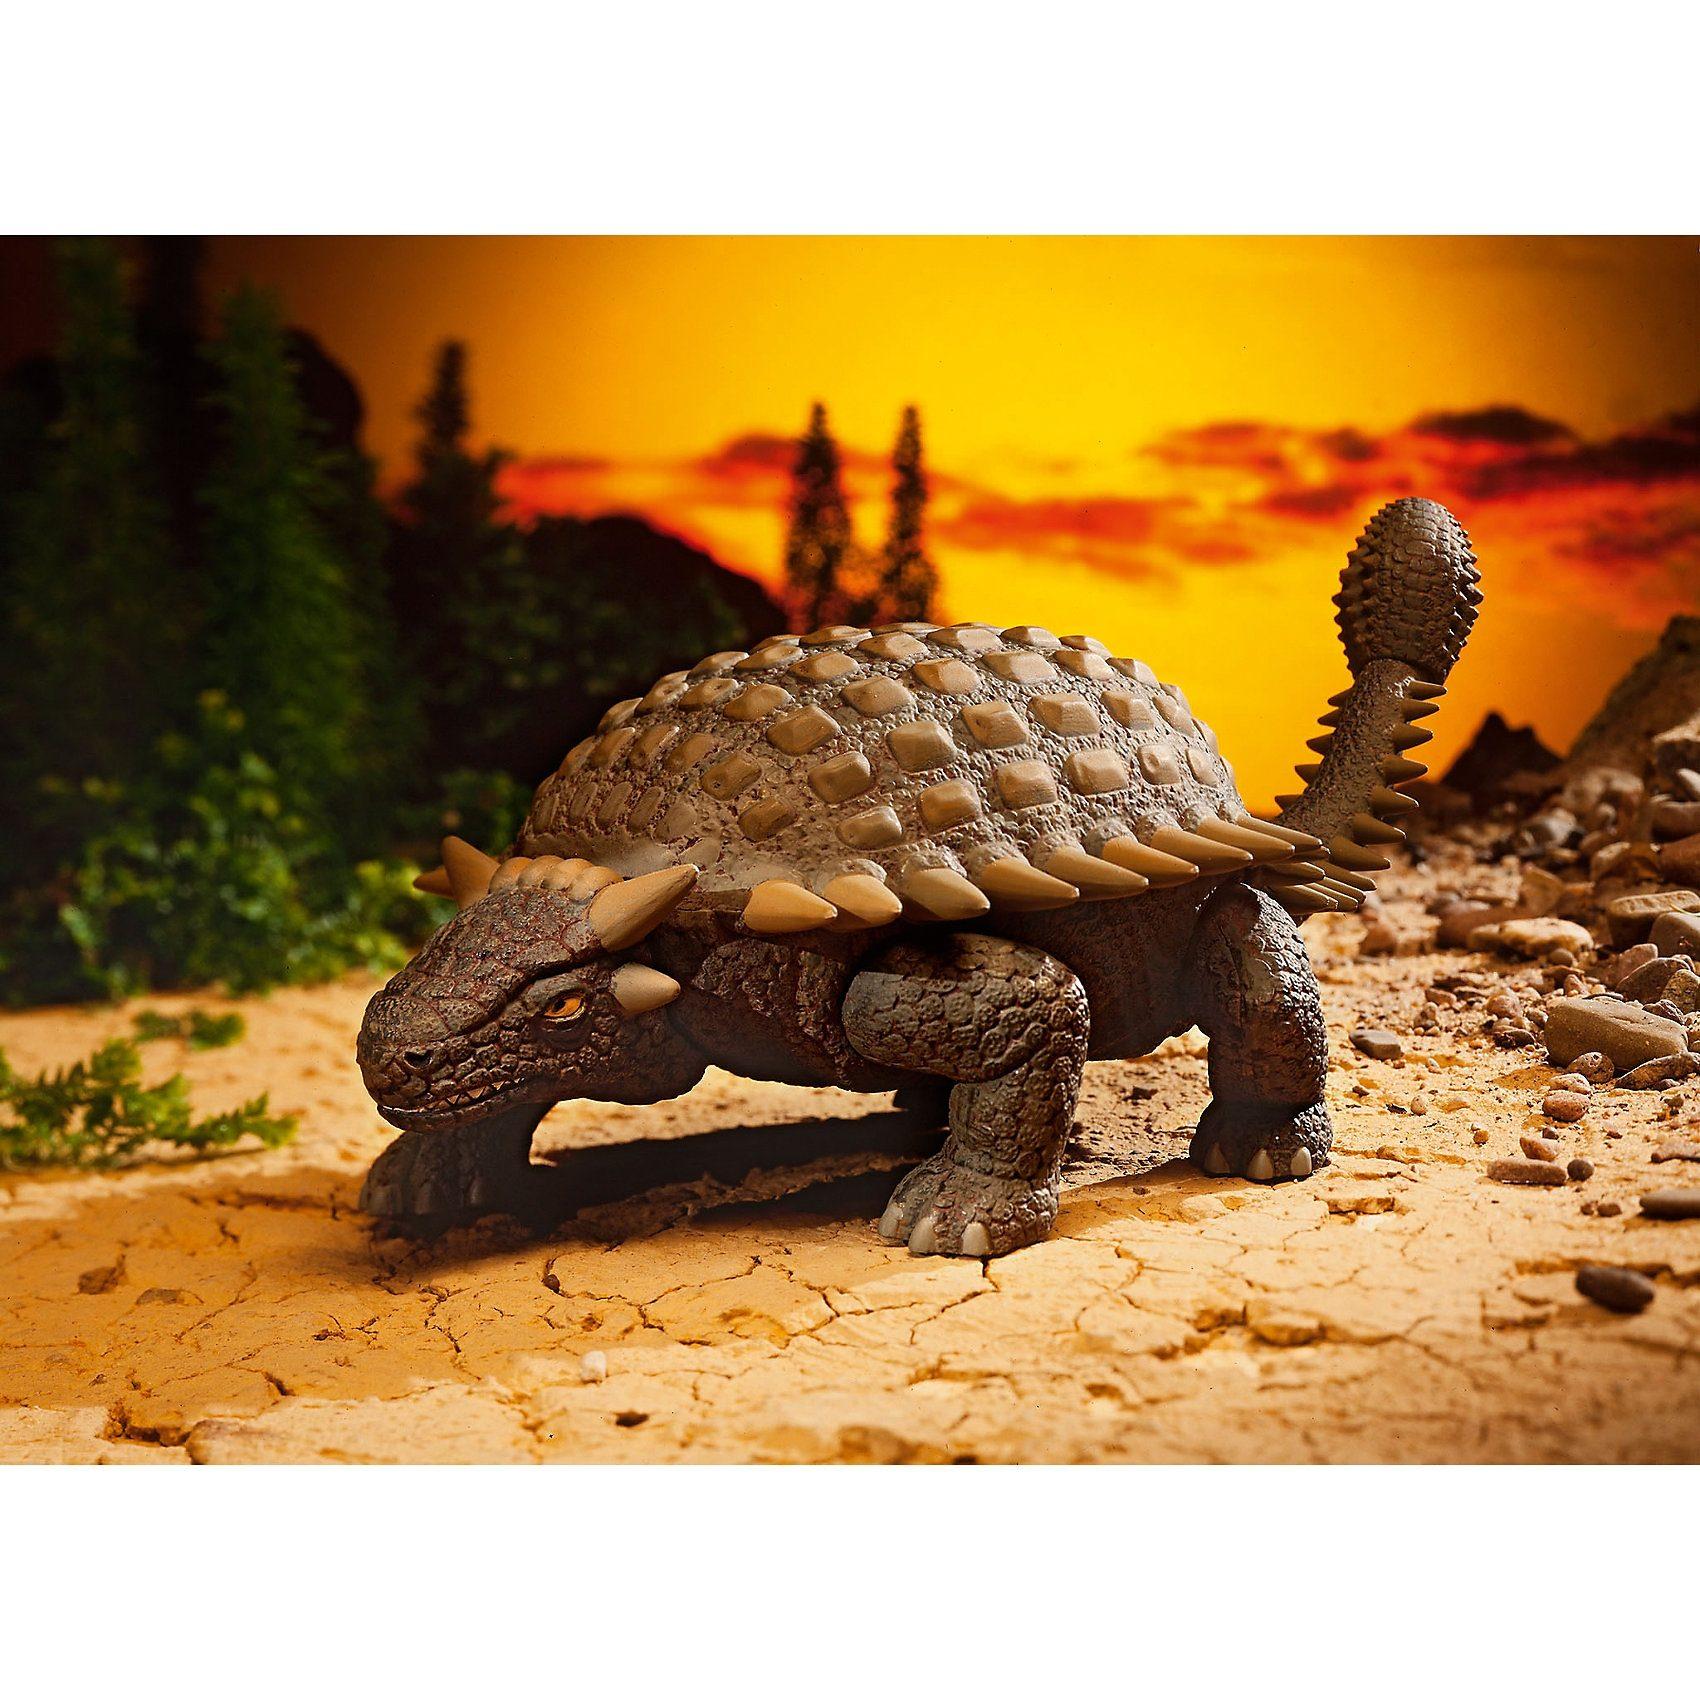 Revell Modellbausatz - Ankylosaurus